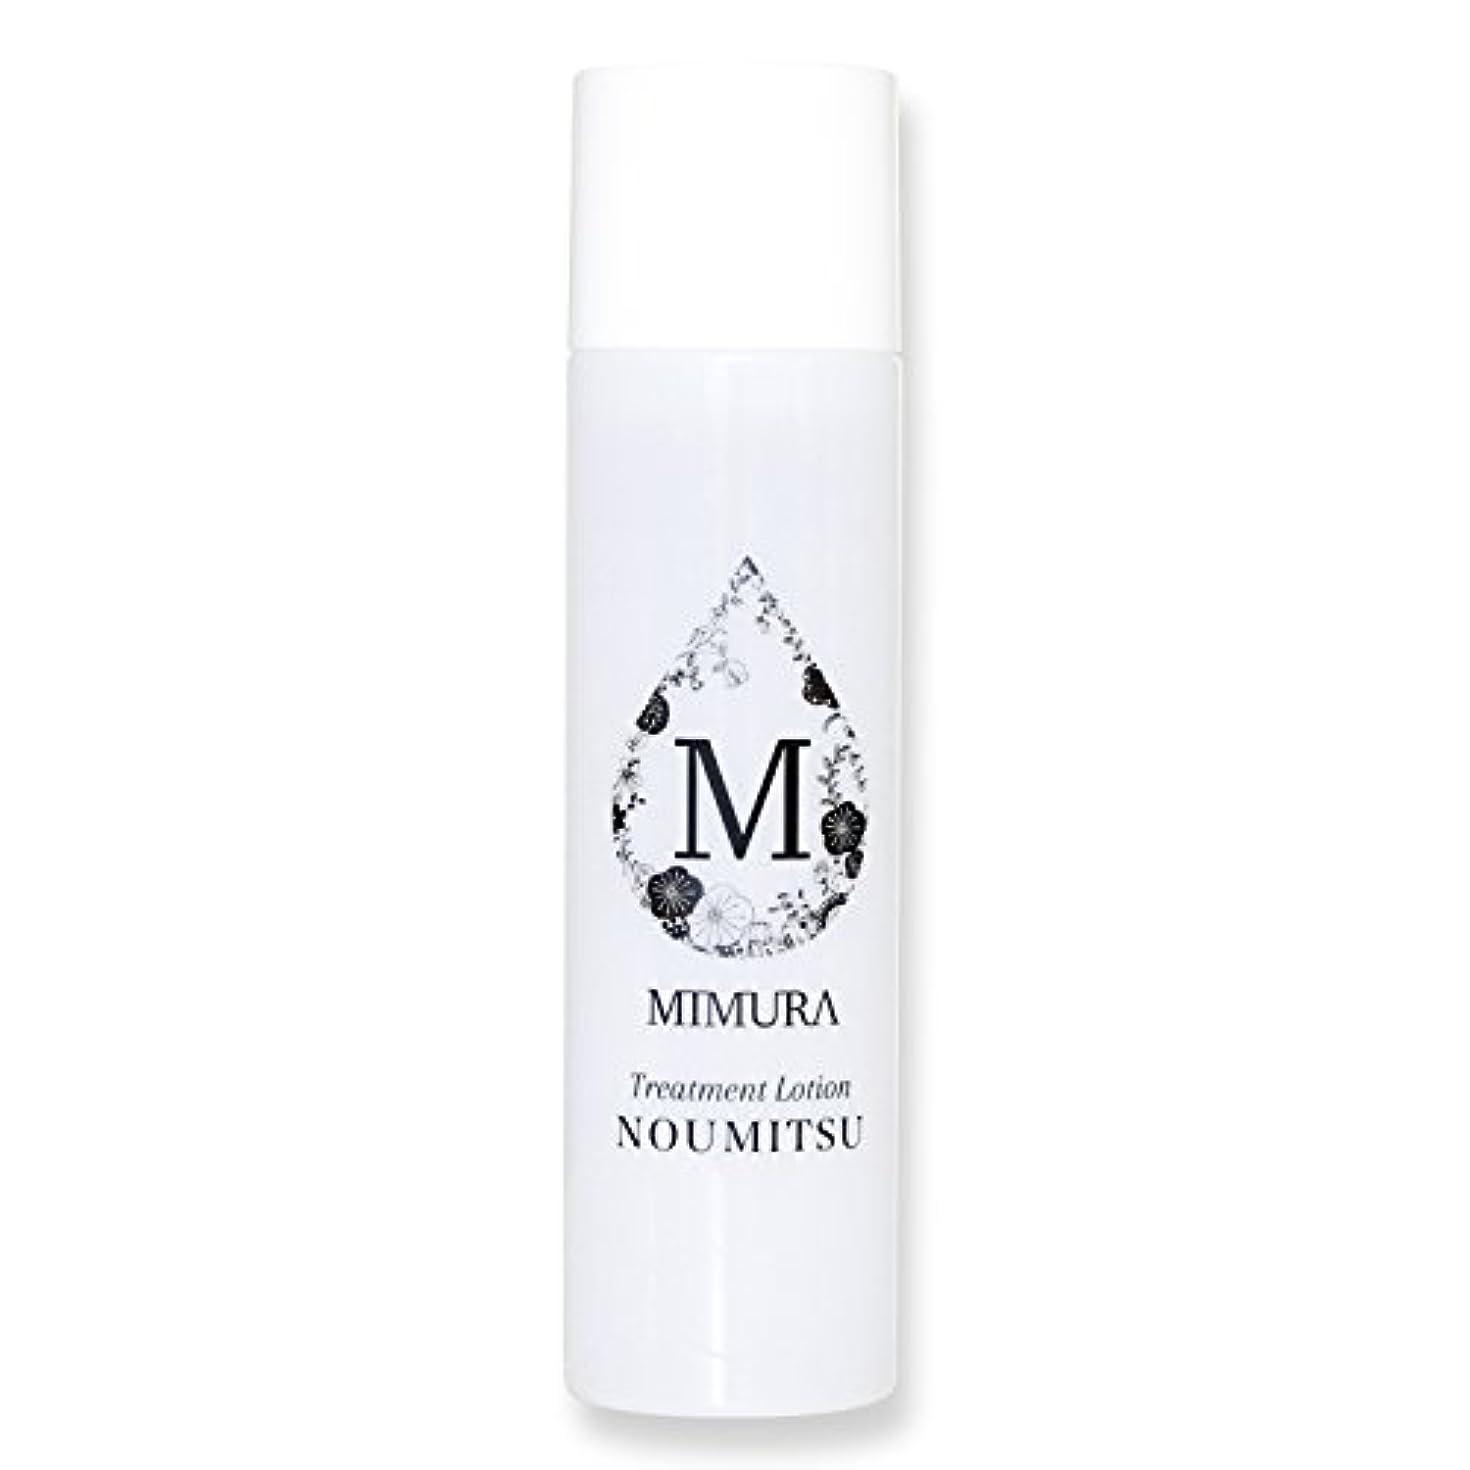 気まぐれなクローン一族化粧水 乾燥肌 うるおい 送料無料 ミムラ トリートメントローション NOUMITSU MIMURA 日本製